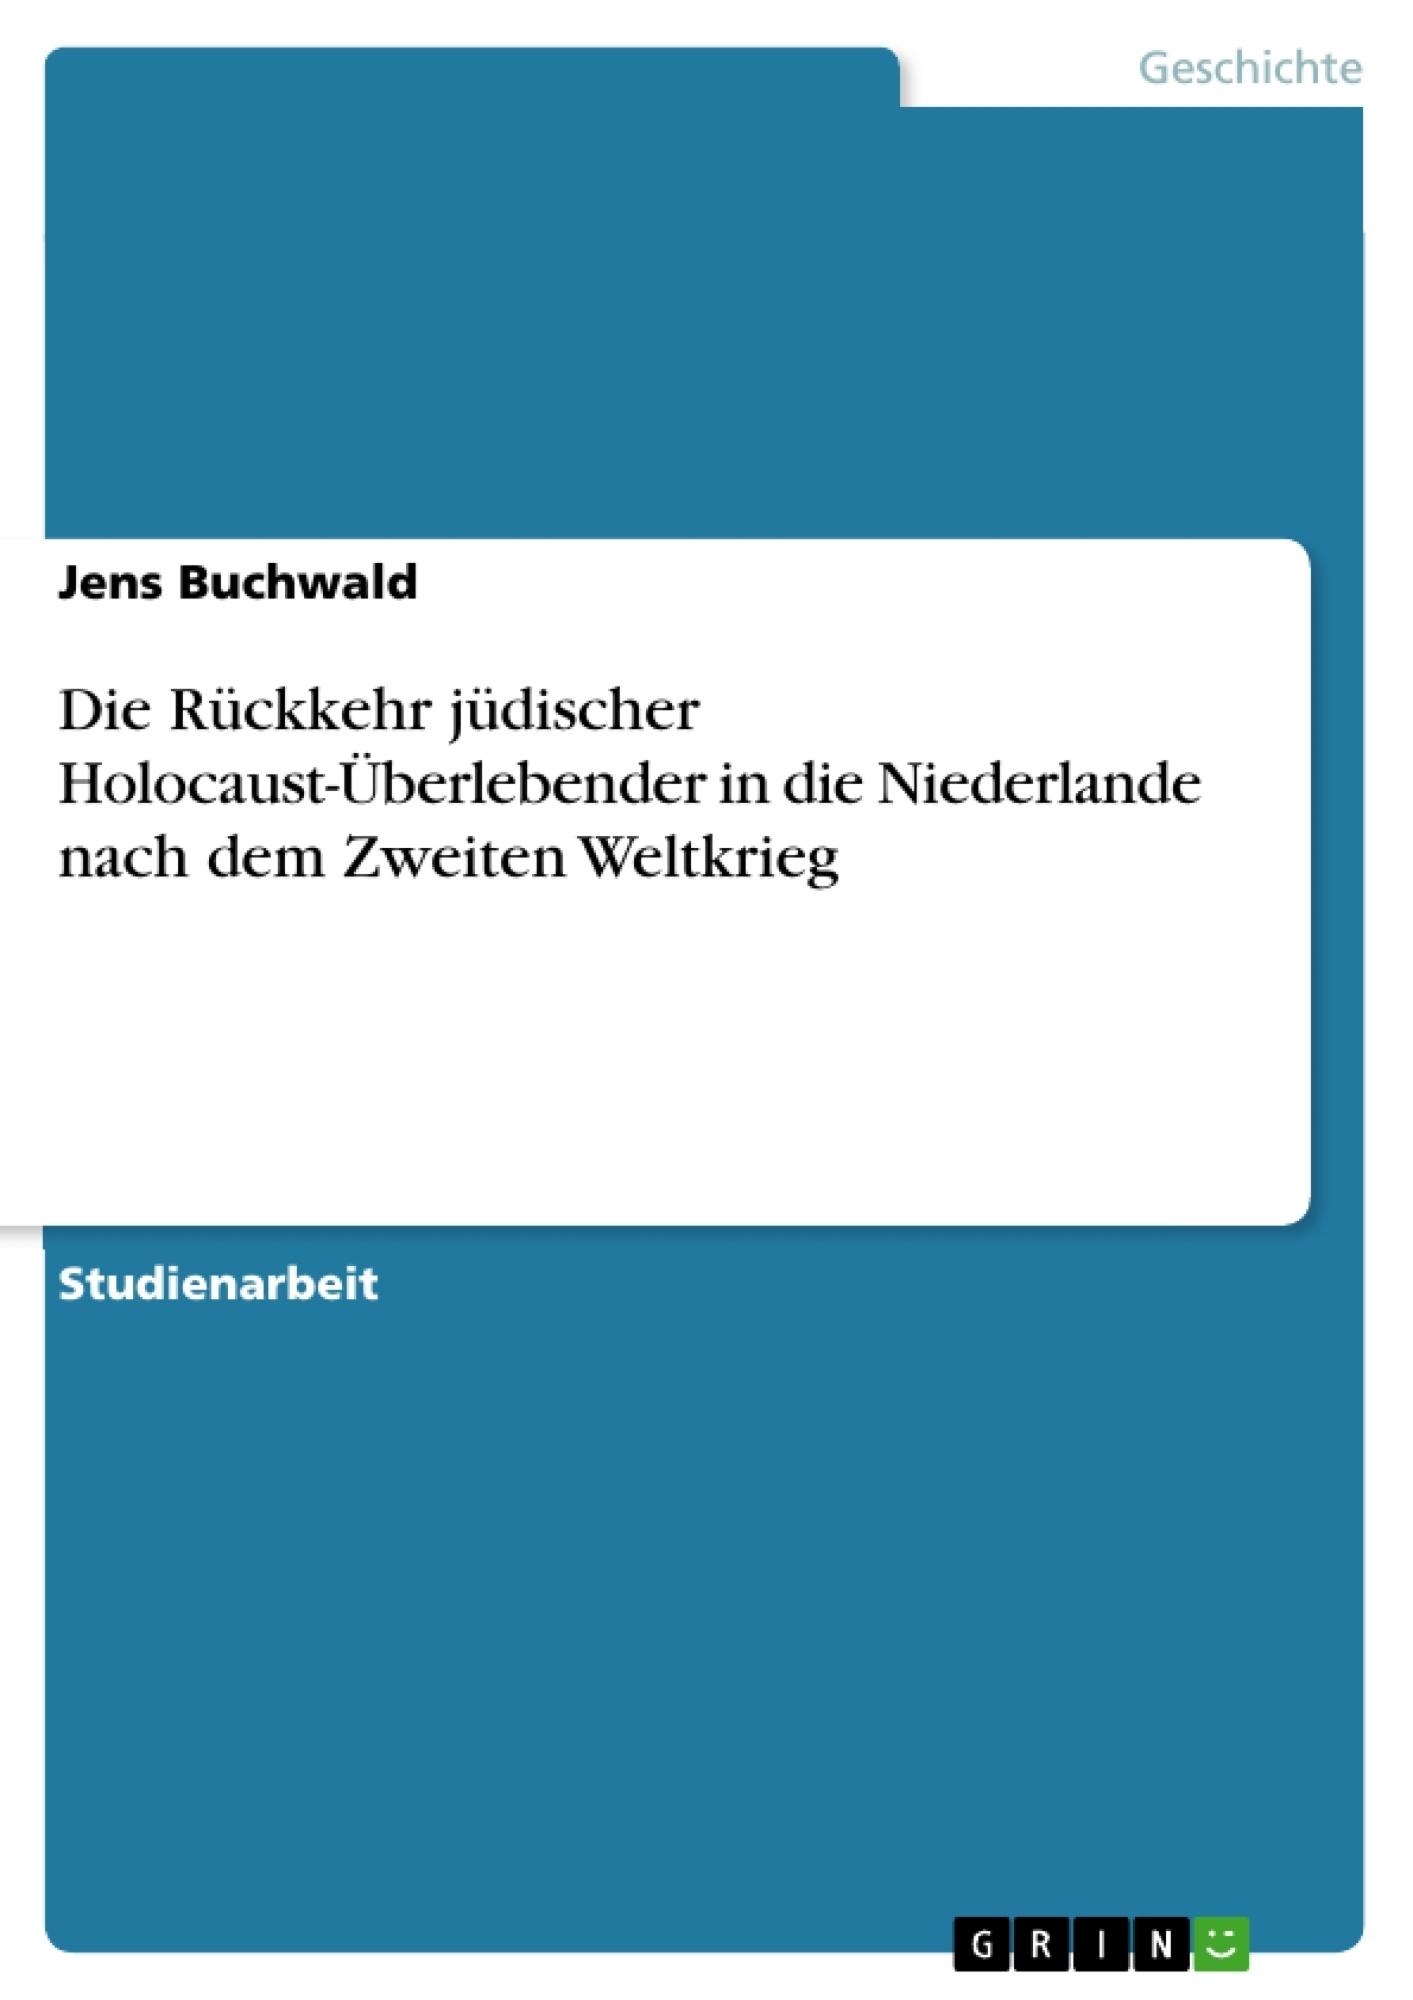 Titel: Die Rückkehr jüdischer Holocaust-Überlebender in die Niederlande nach dem Zweiten Weltkrieg